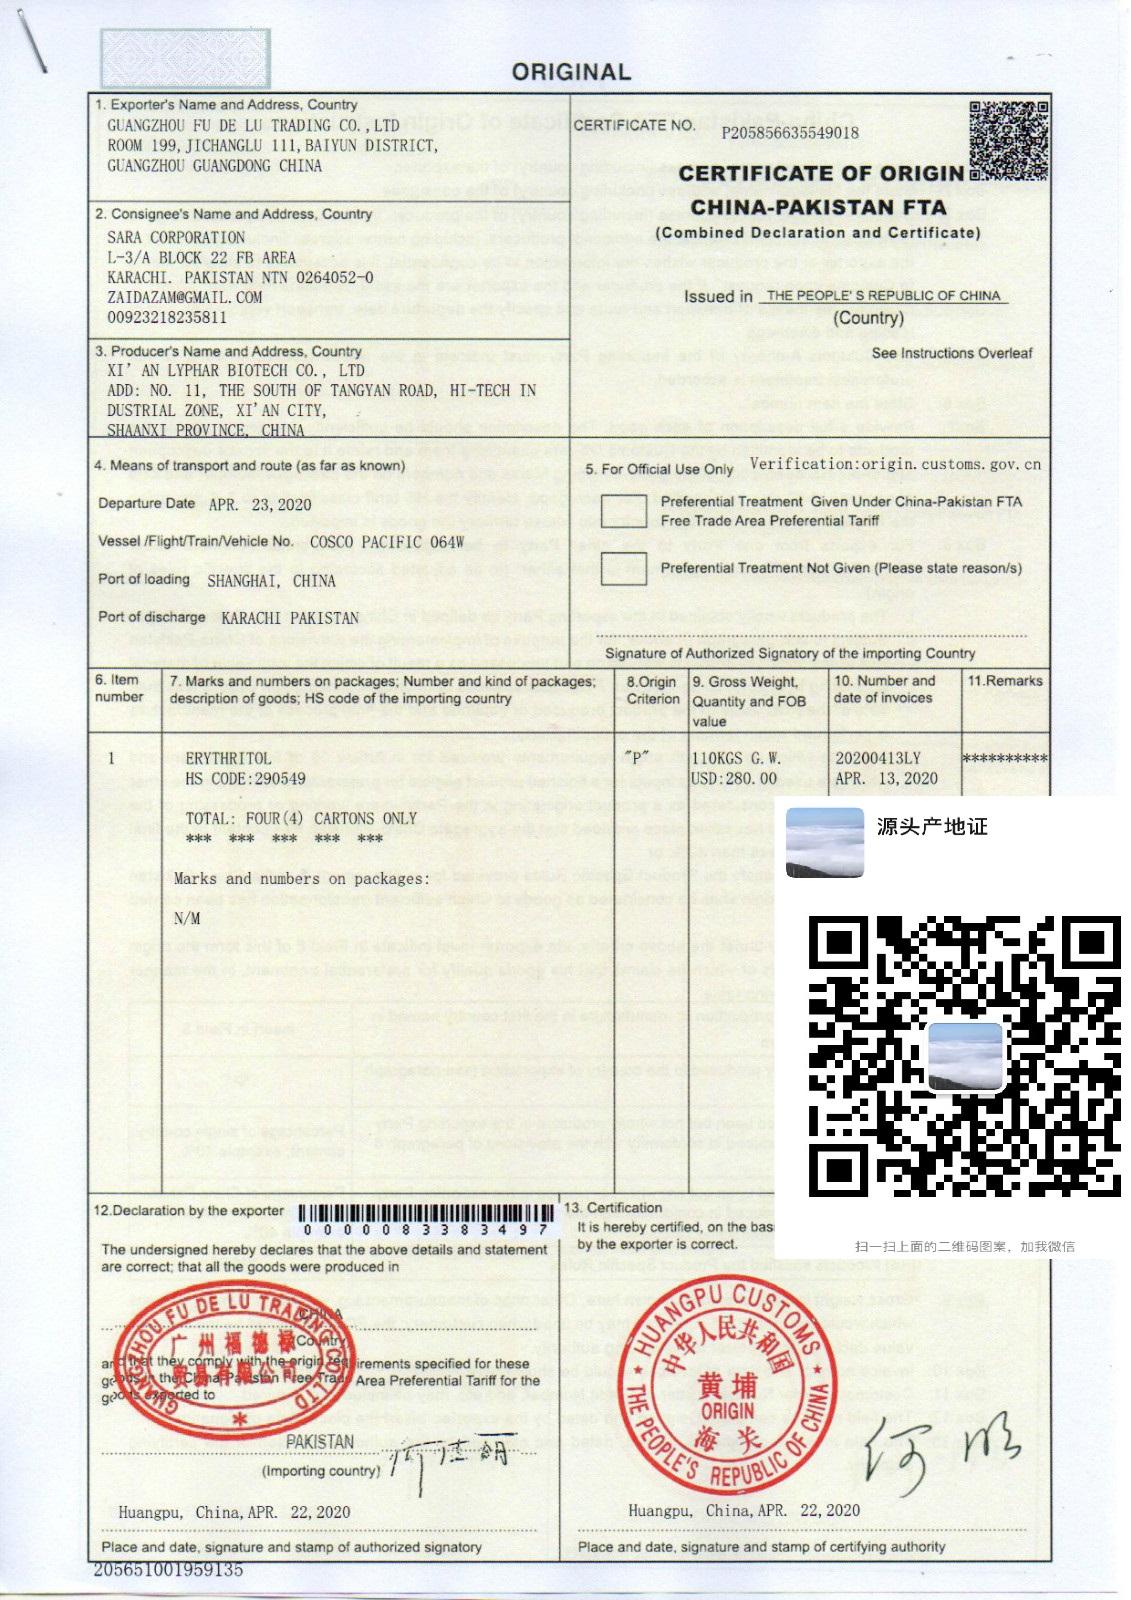 中国-巴基斯坦原产地证书FORM P